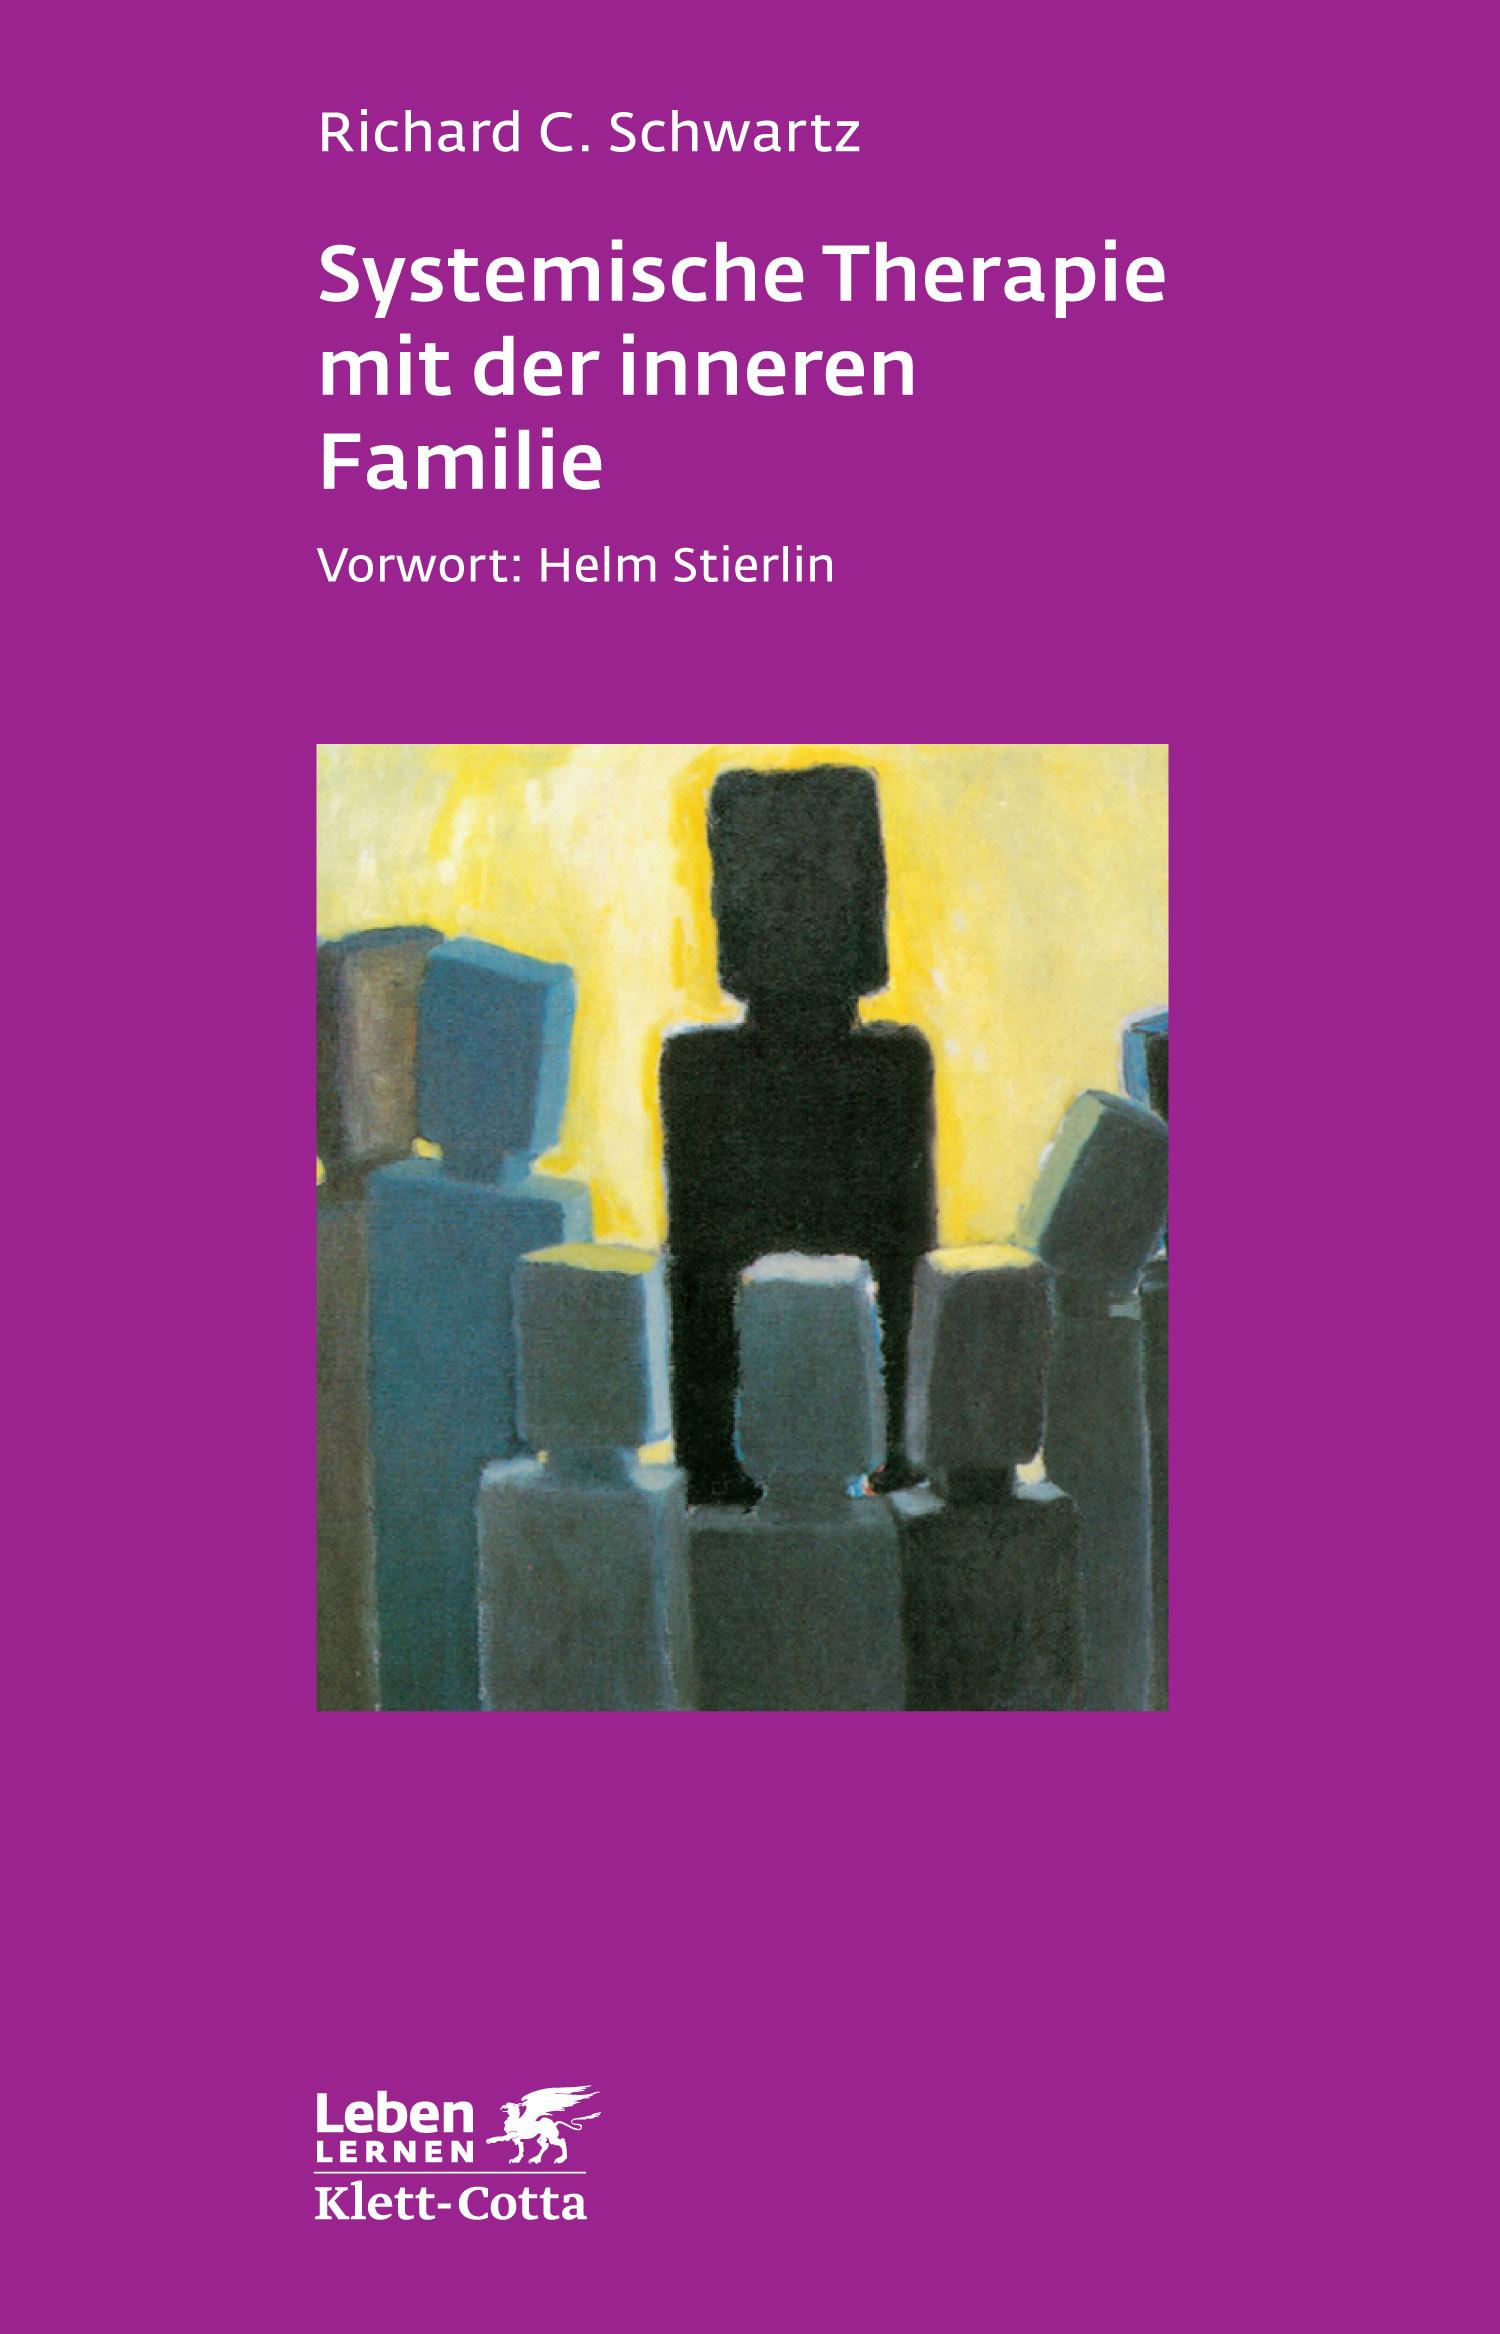 Systemische Therapie mit der inneren Familie - Richard C. Schwartz